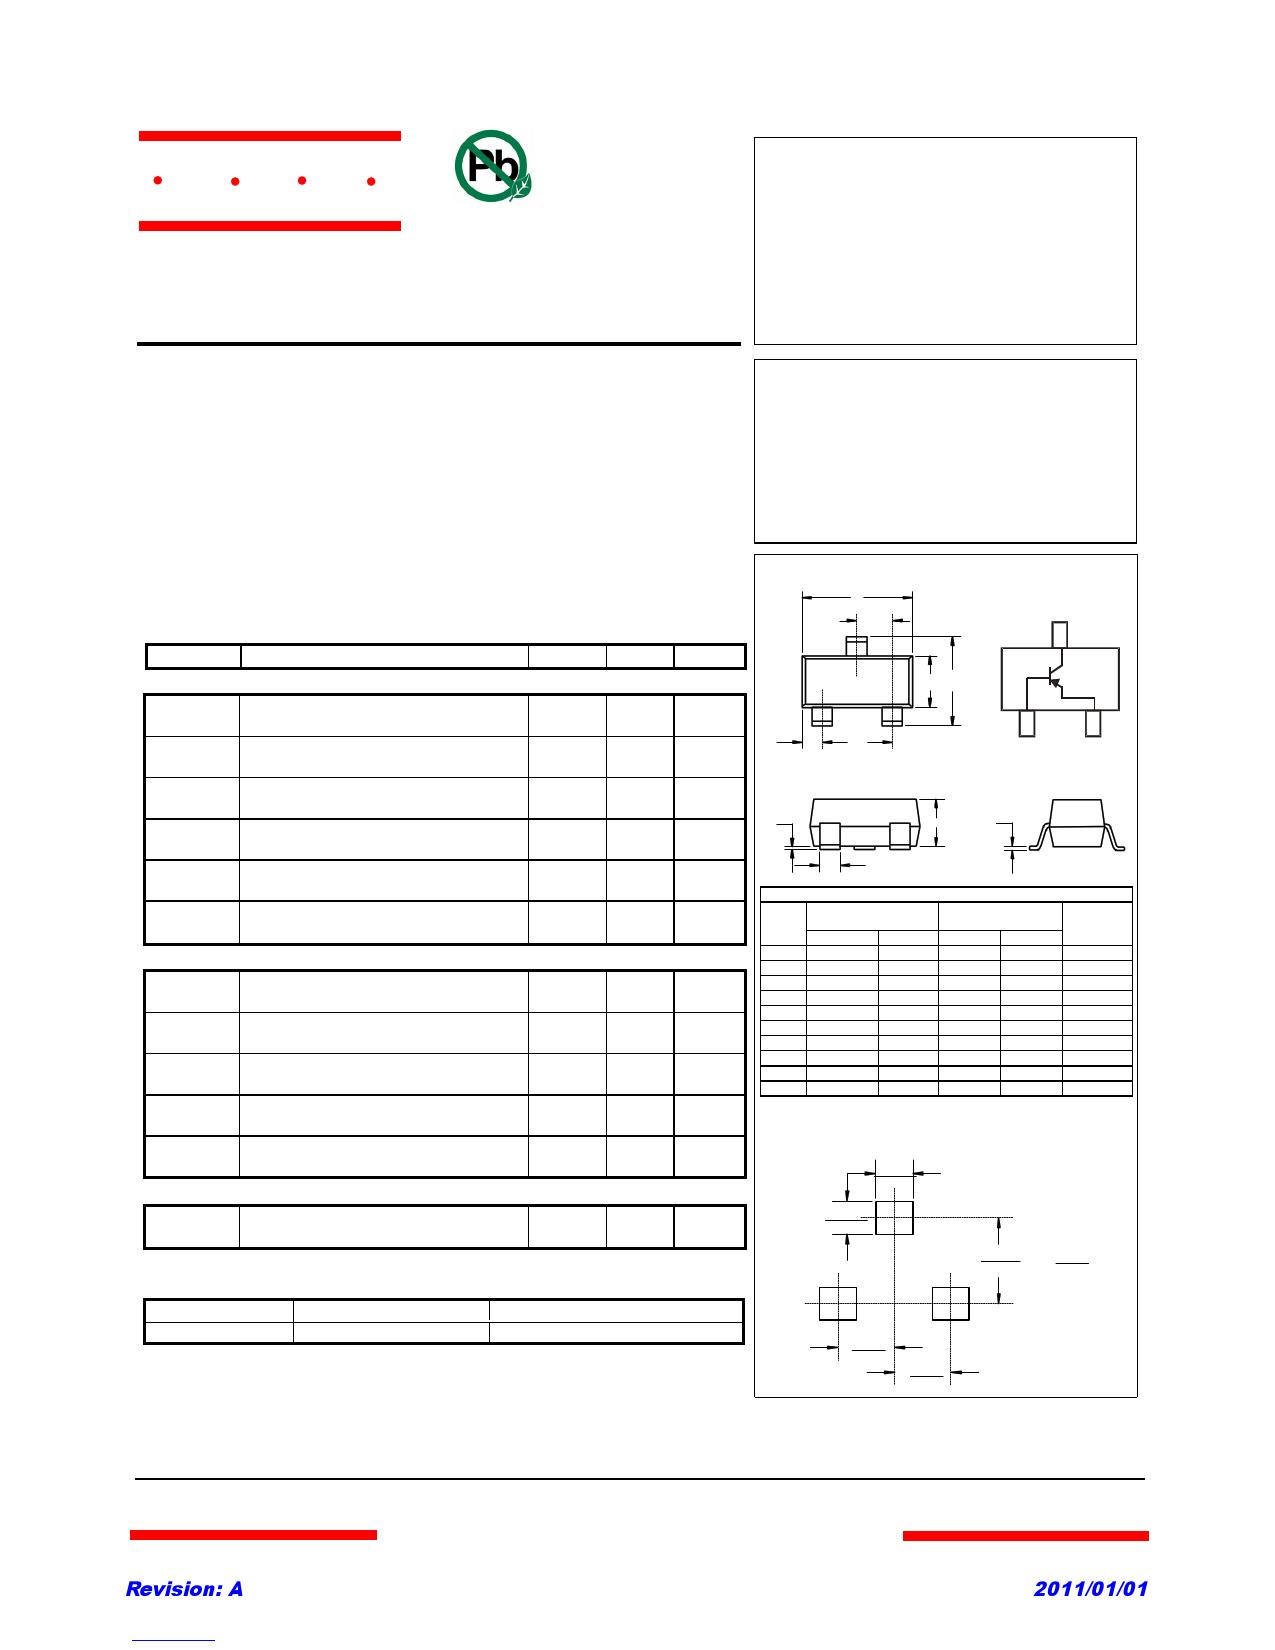 MMS9012-H datasheet